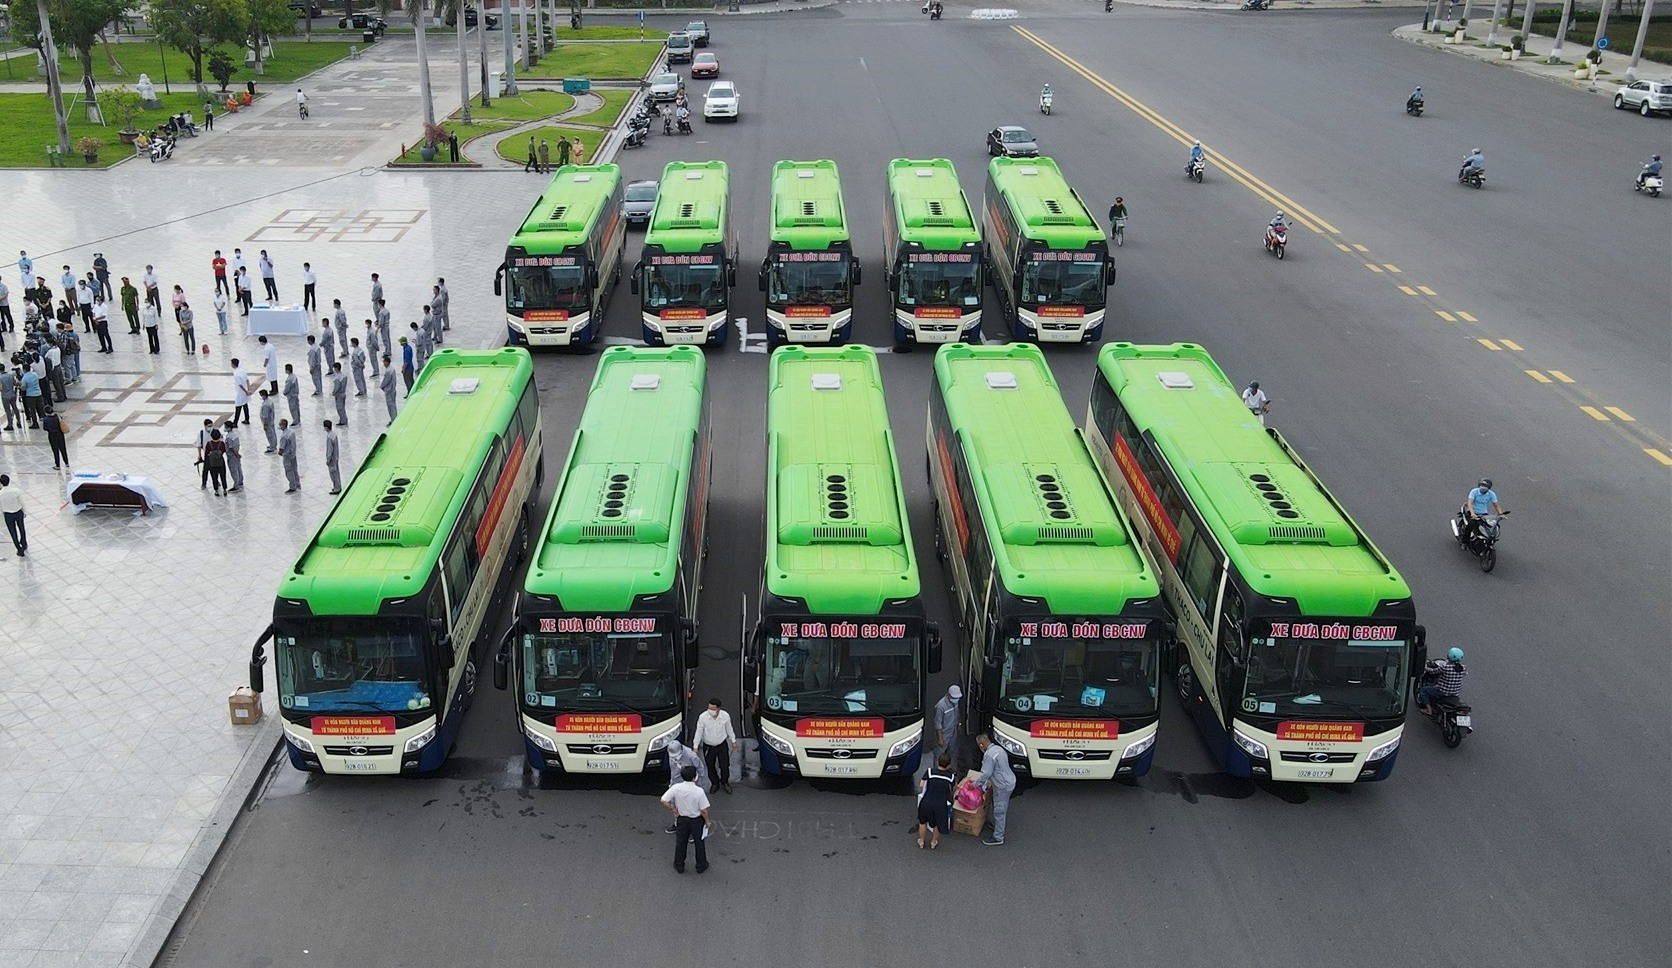 Khởi hành đoàn xe đón đồng hương Quảng Nam từ TP.Hồ Chí Minh về quê (clip) 2